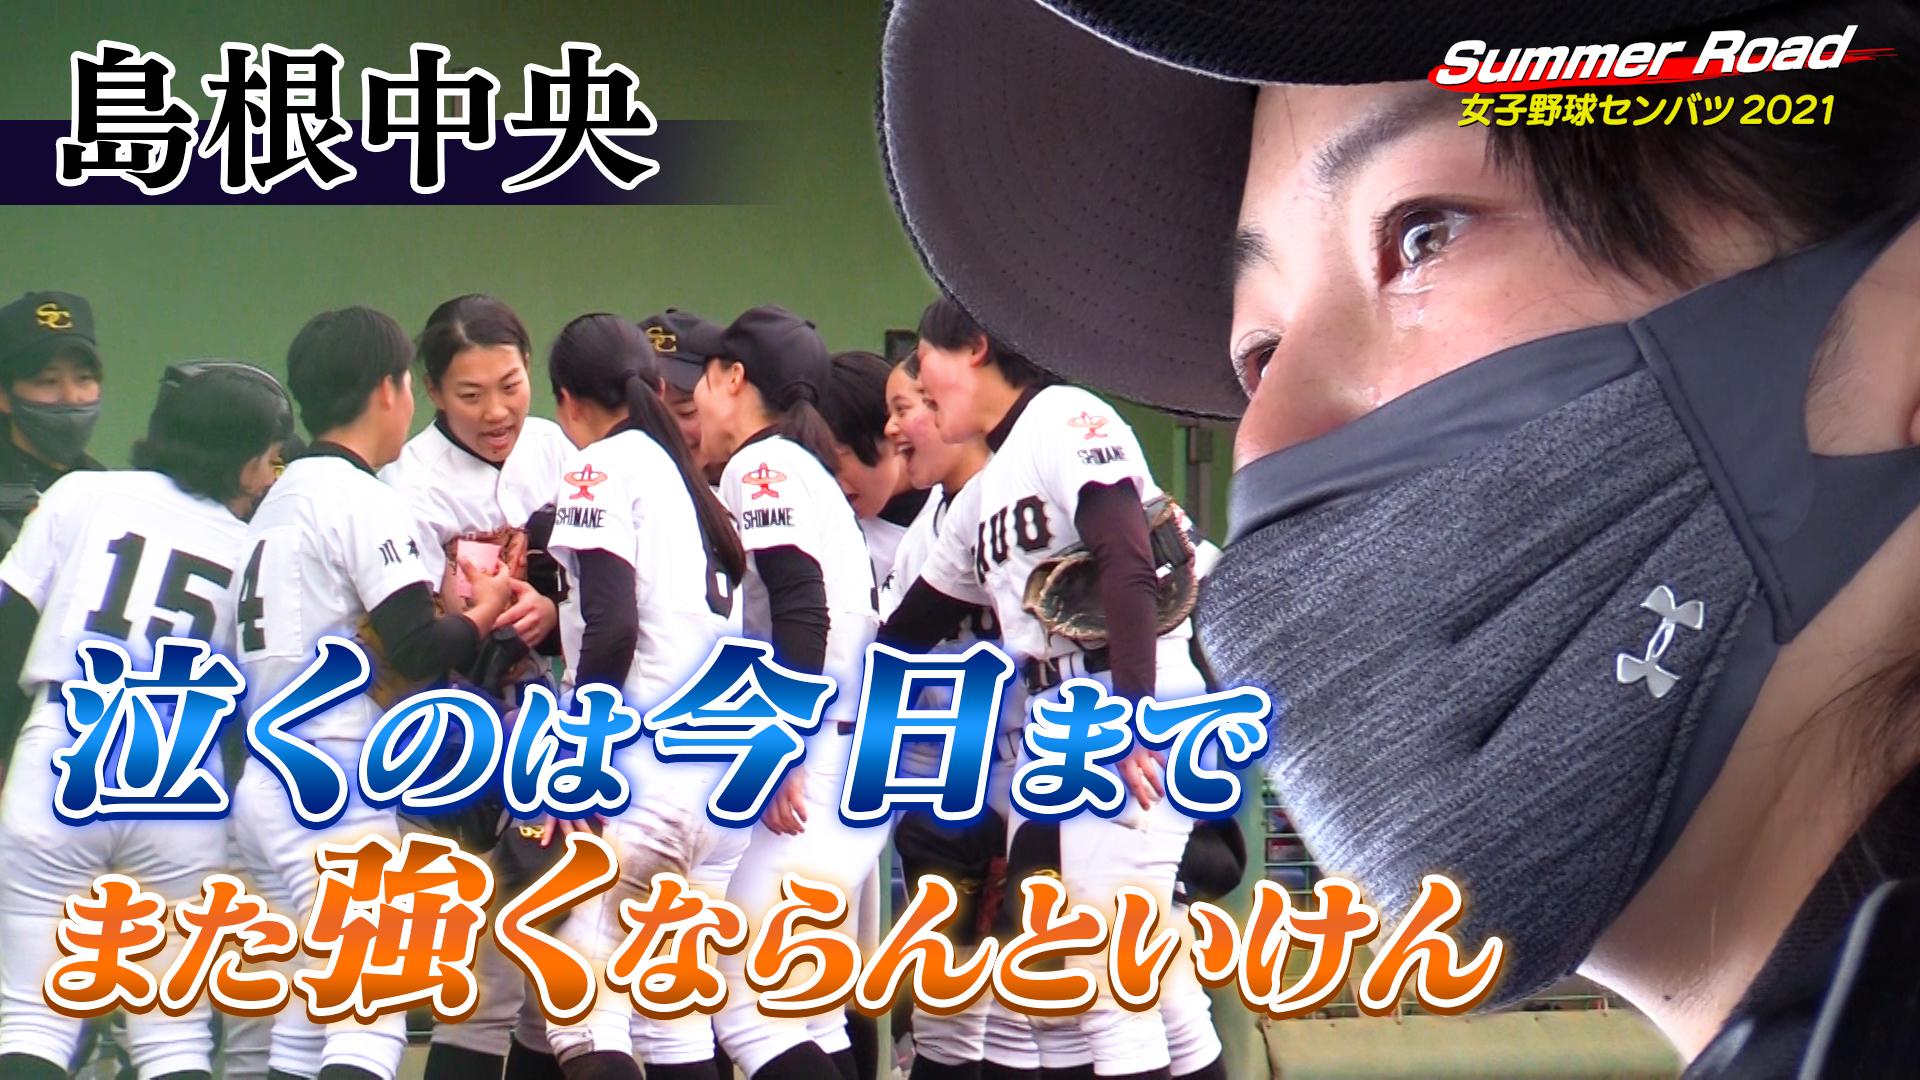 【涙のミーティング】島根中央 監督も選手も悔し涙溢れるミーティング 夏に向けて「日本一のチーム作ろう」[Summer Road]女子野球センバツ2021 ブカピ 高校野球